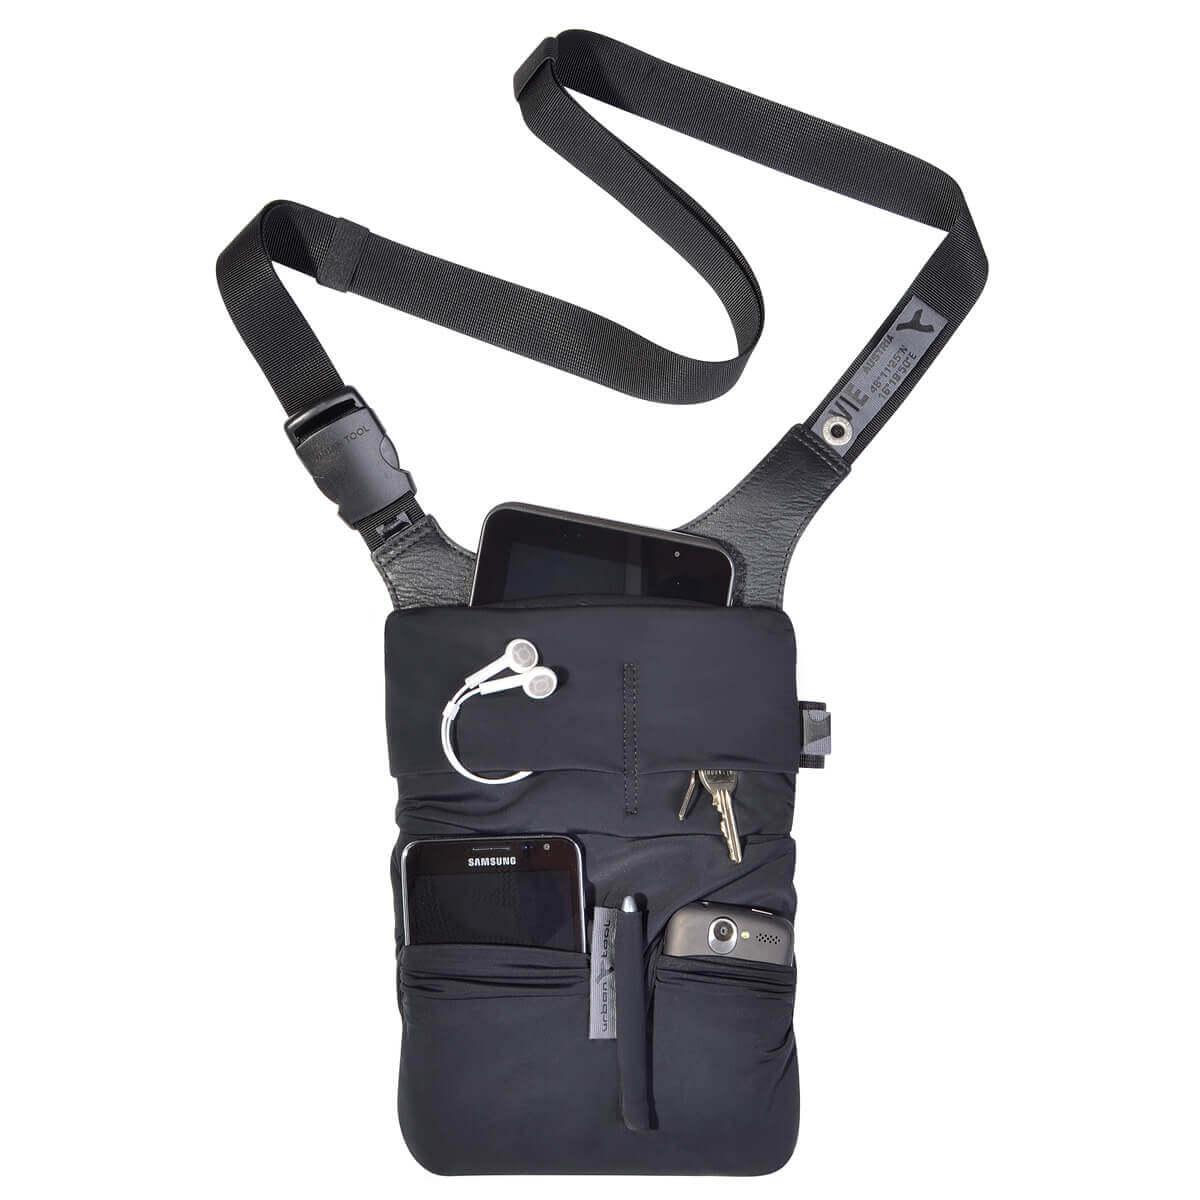 tablet sling bag shoulder tablet and smartphone bag URBAN TOOL ® slotbar